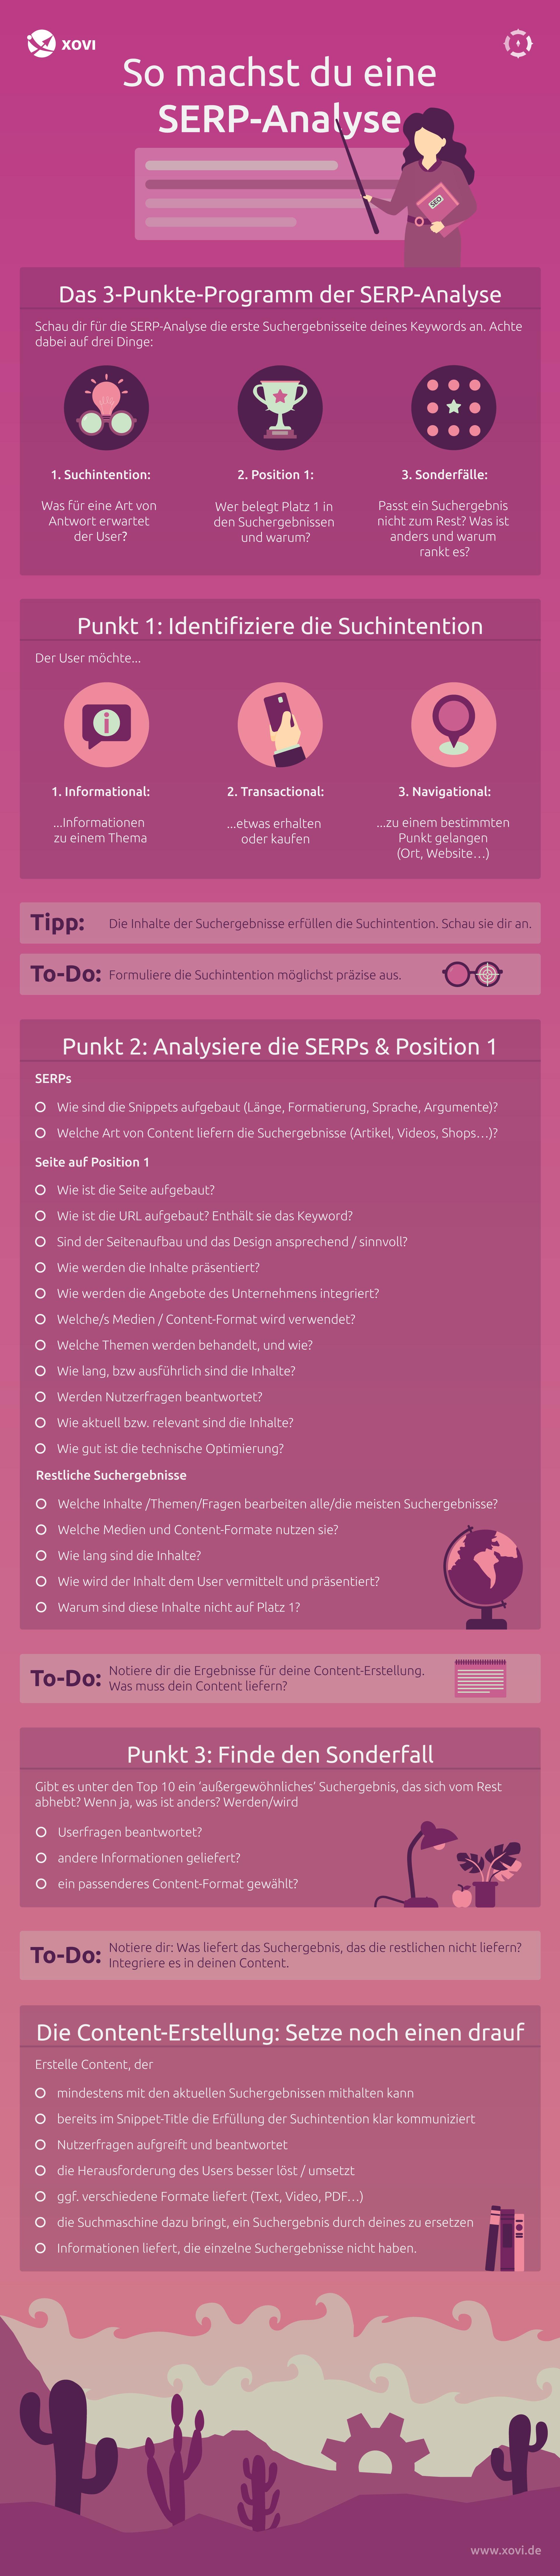 Anleitung für die SERP-Analyse